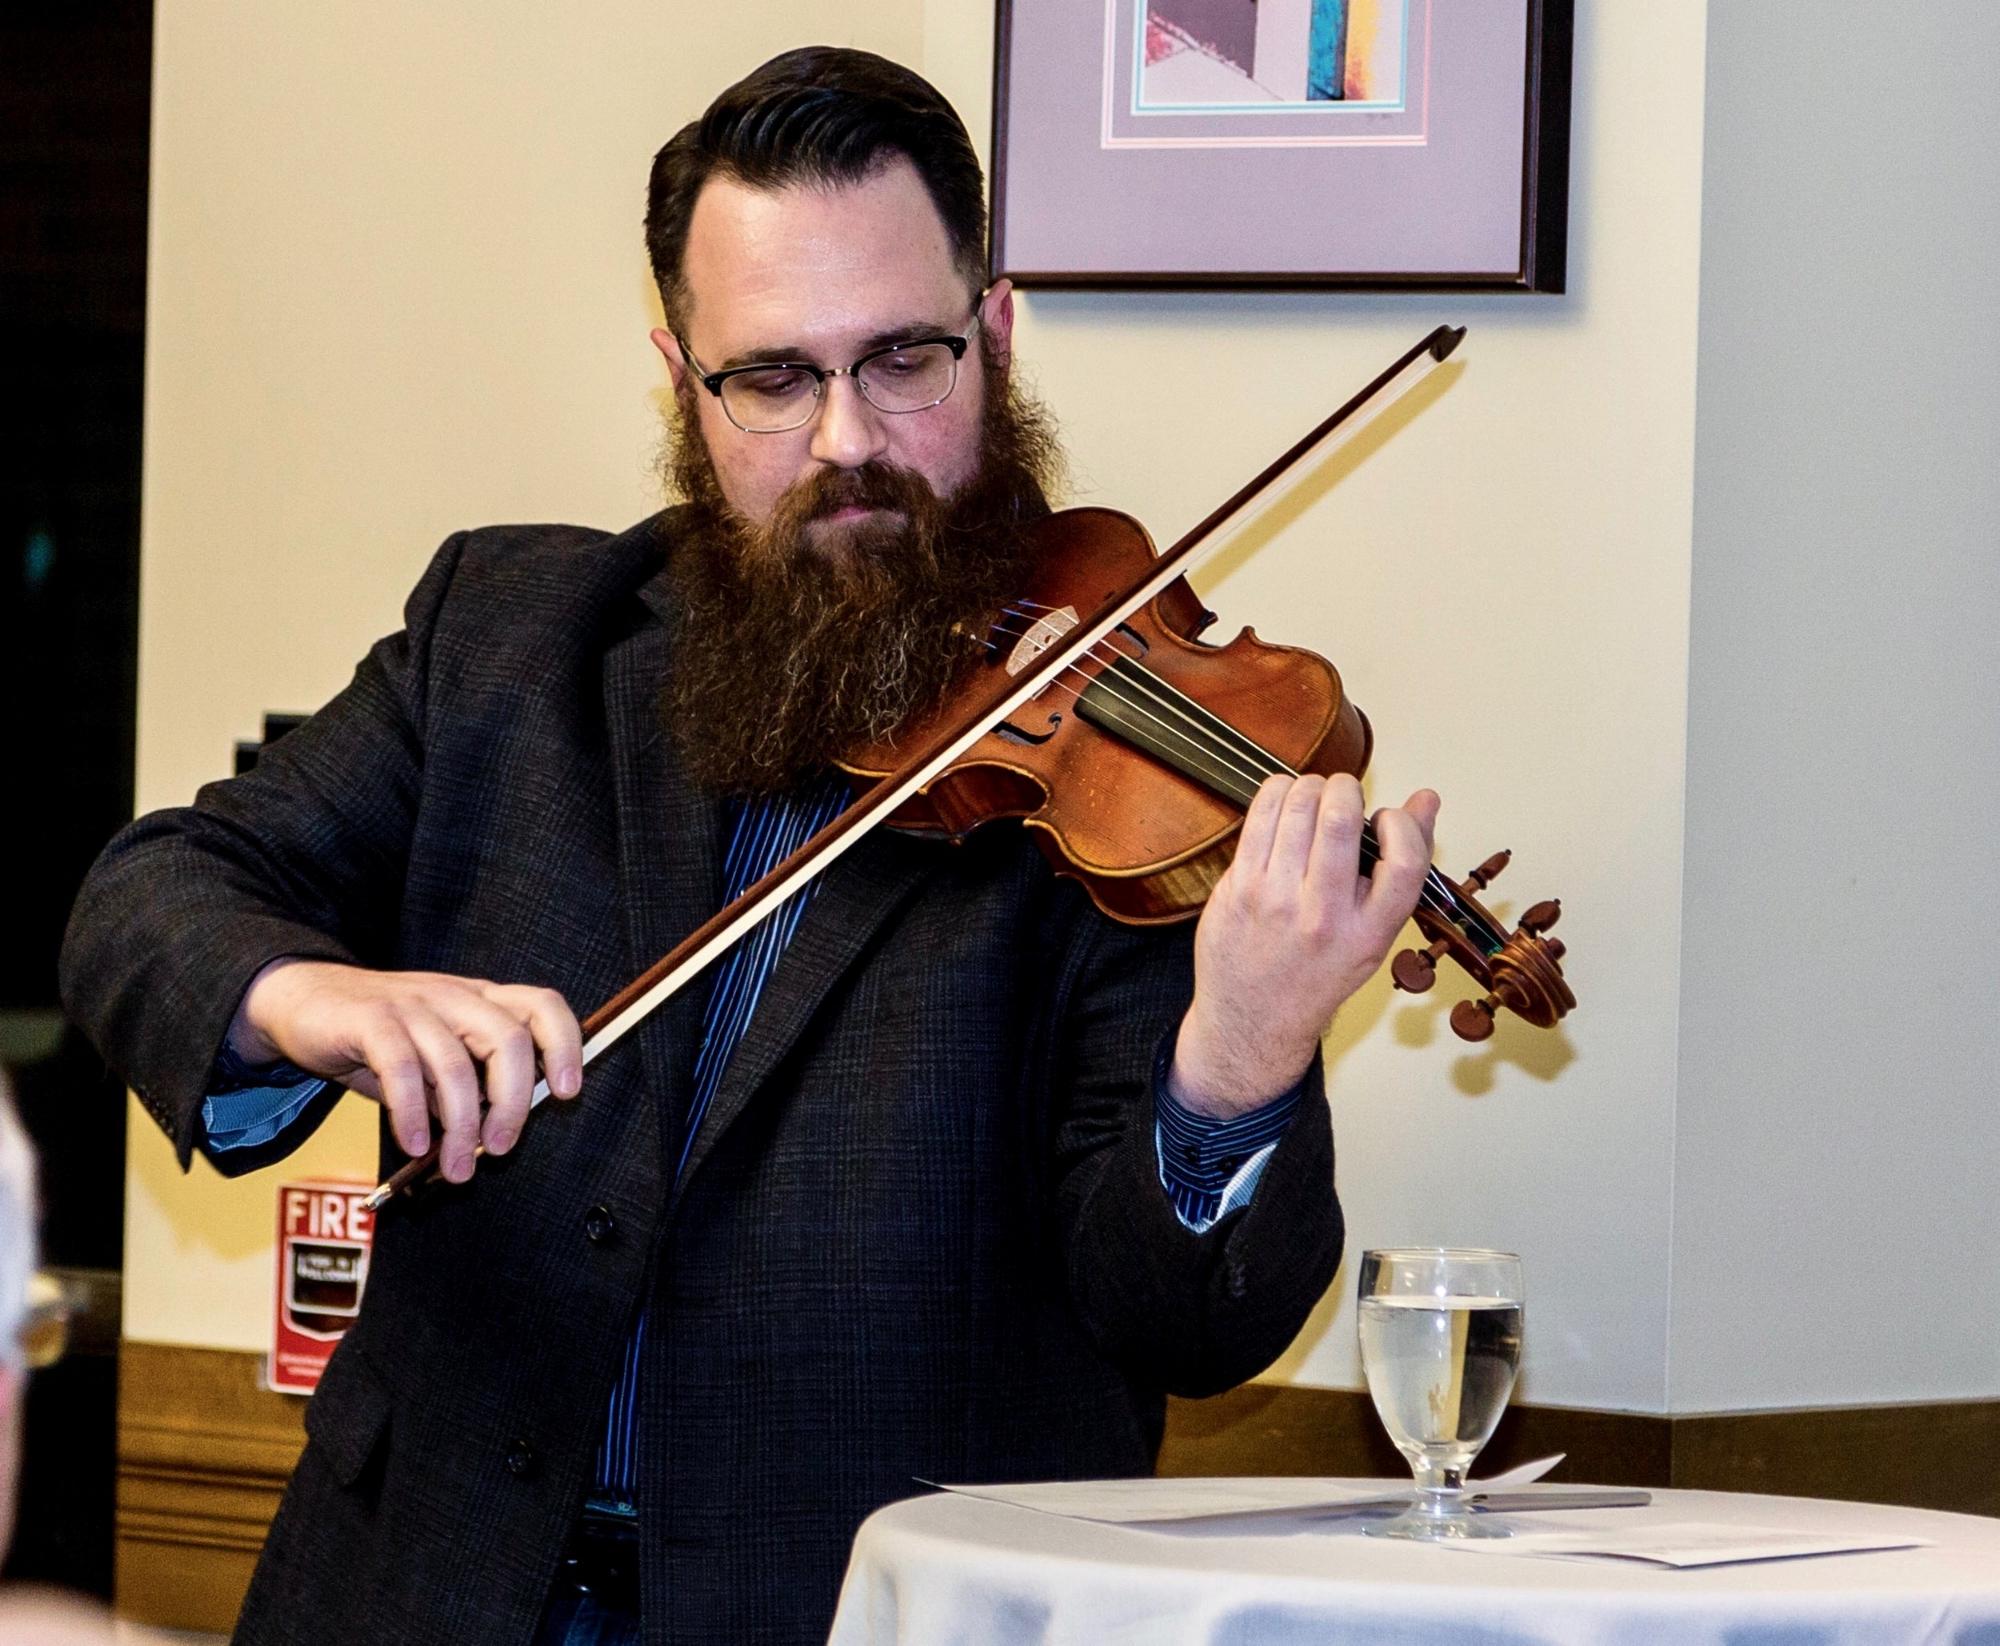 조나단 모저 (Jonathon Moser) Mercyhurst 오케스트라 단원이 아리랑 (Arirang)을 연주합니다.